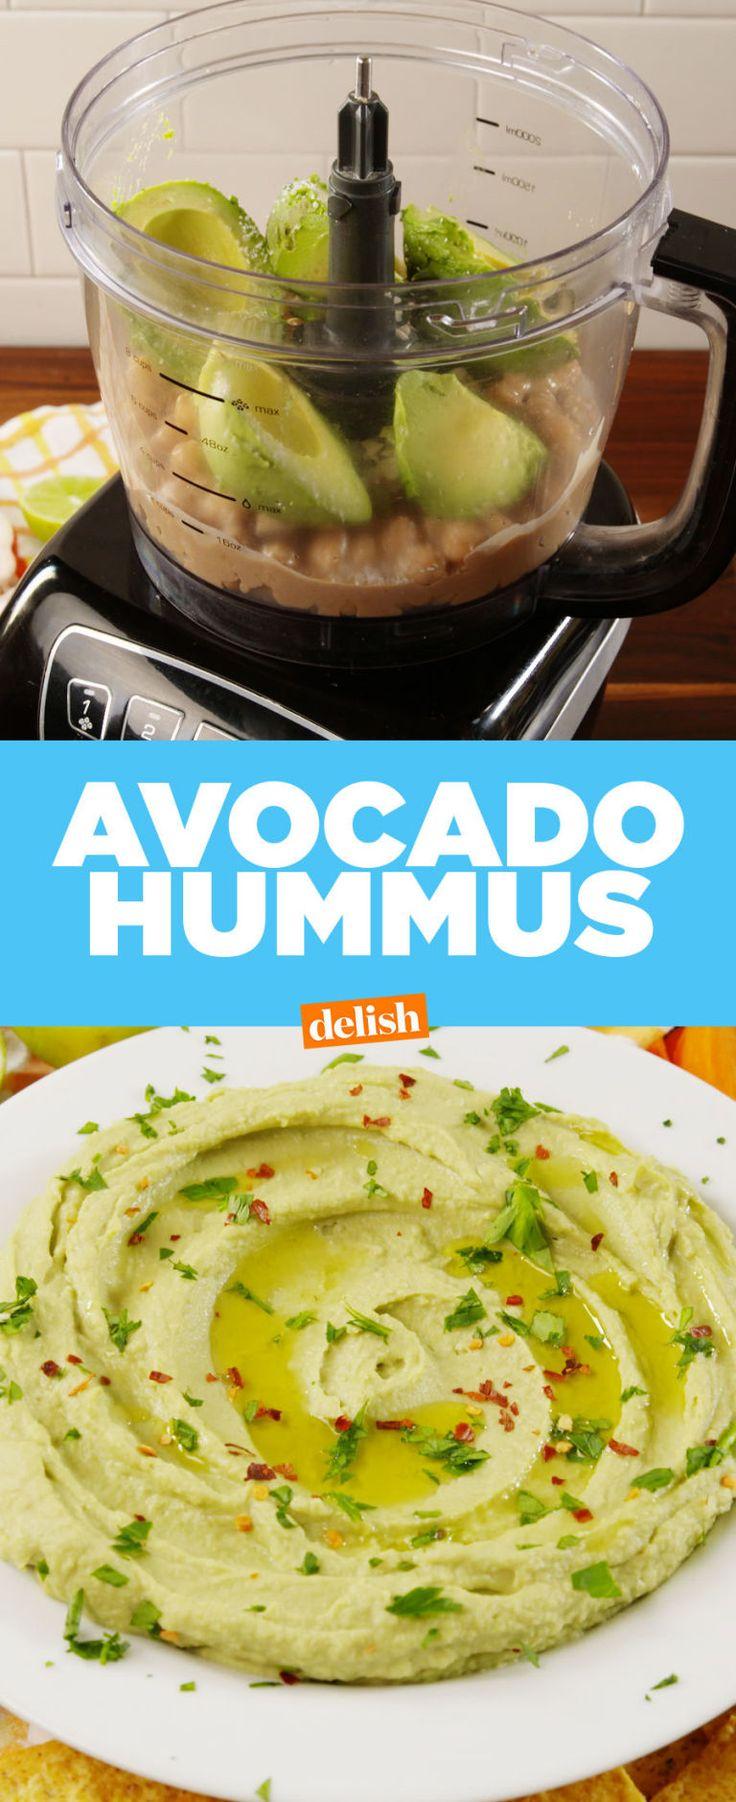 Avocado Hummus - Delish.com